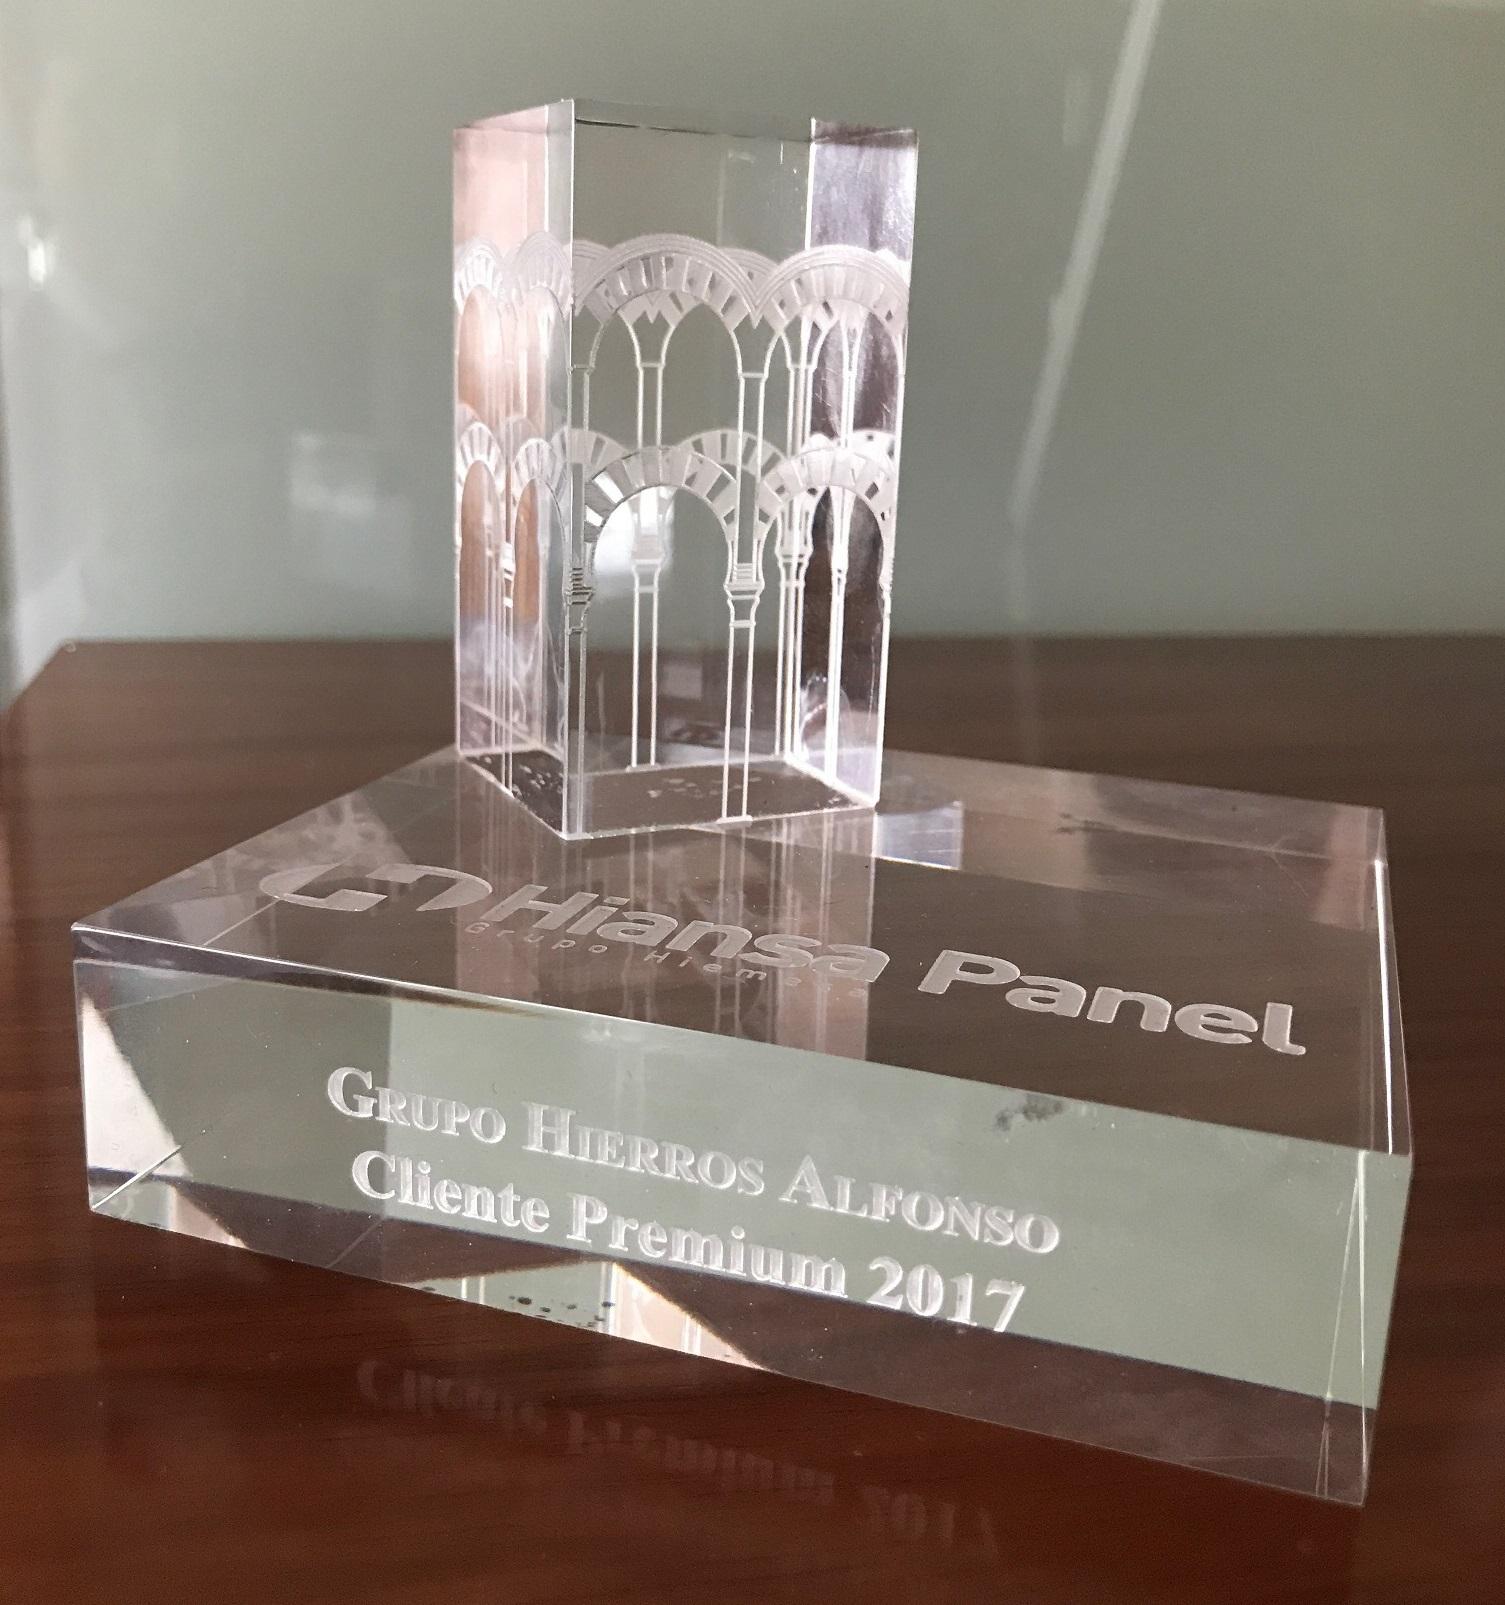 Grupo Hierros Alfonso galardonado con el reconocimiento de Distribuidor Premium de Panel Sandwich por la fábrica Hiansa